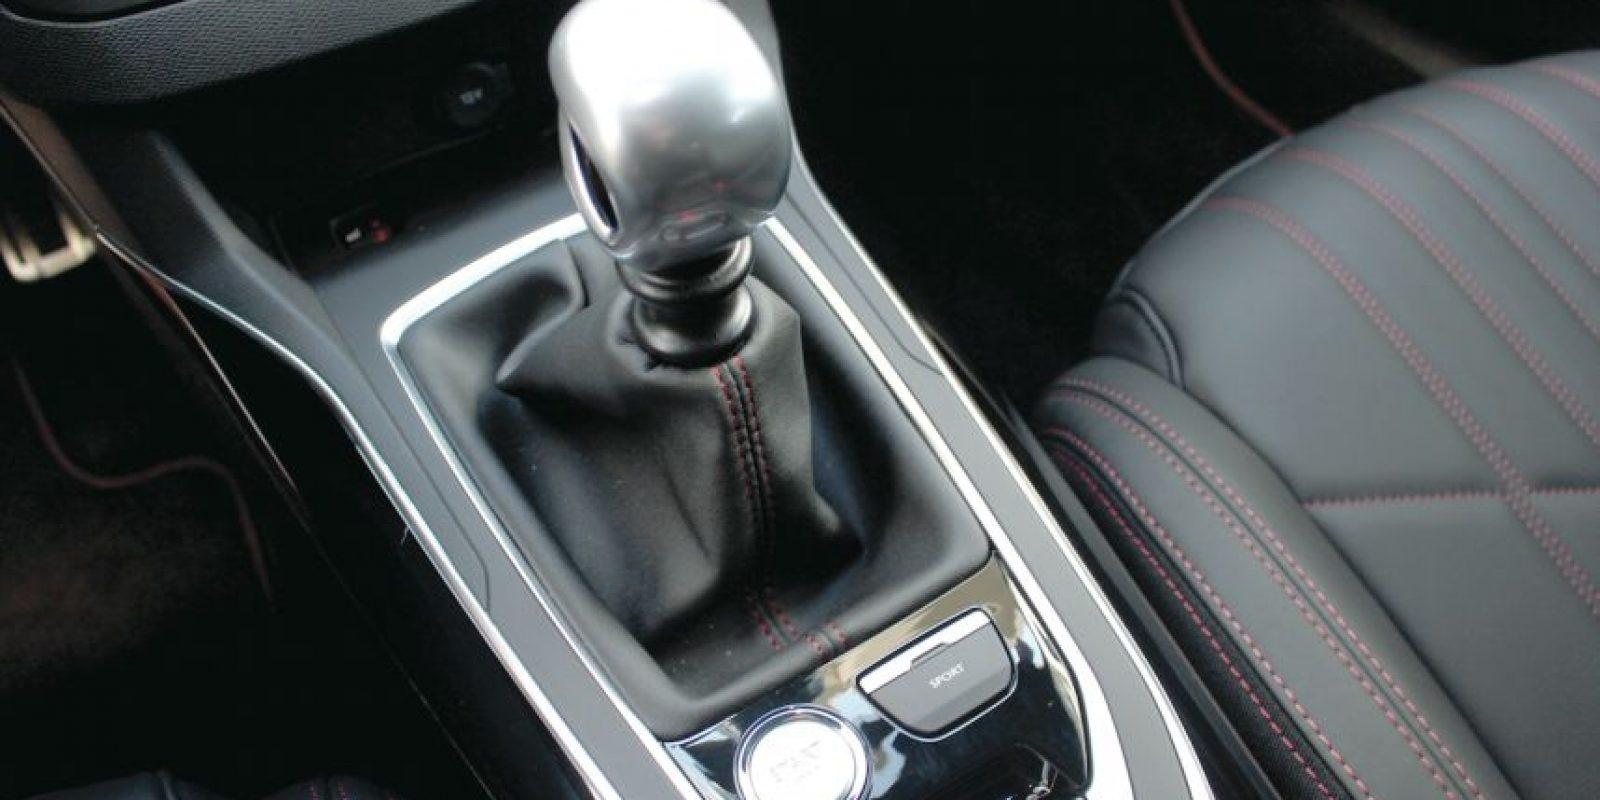 Datos• Precio: 420 mil 900 pesos• Motor: 4 Cil. 1.6L Turbo• Potencia: 205 hp.• Transmisión: Manual de 6 velocidades Foto:Peugeot